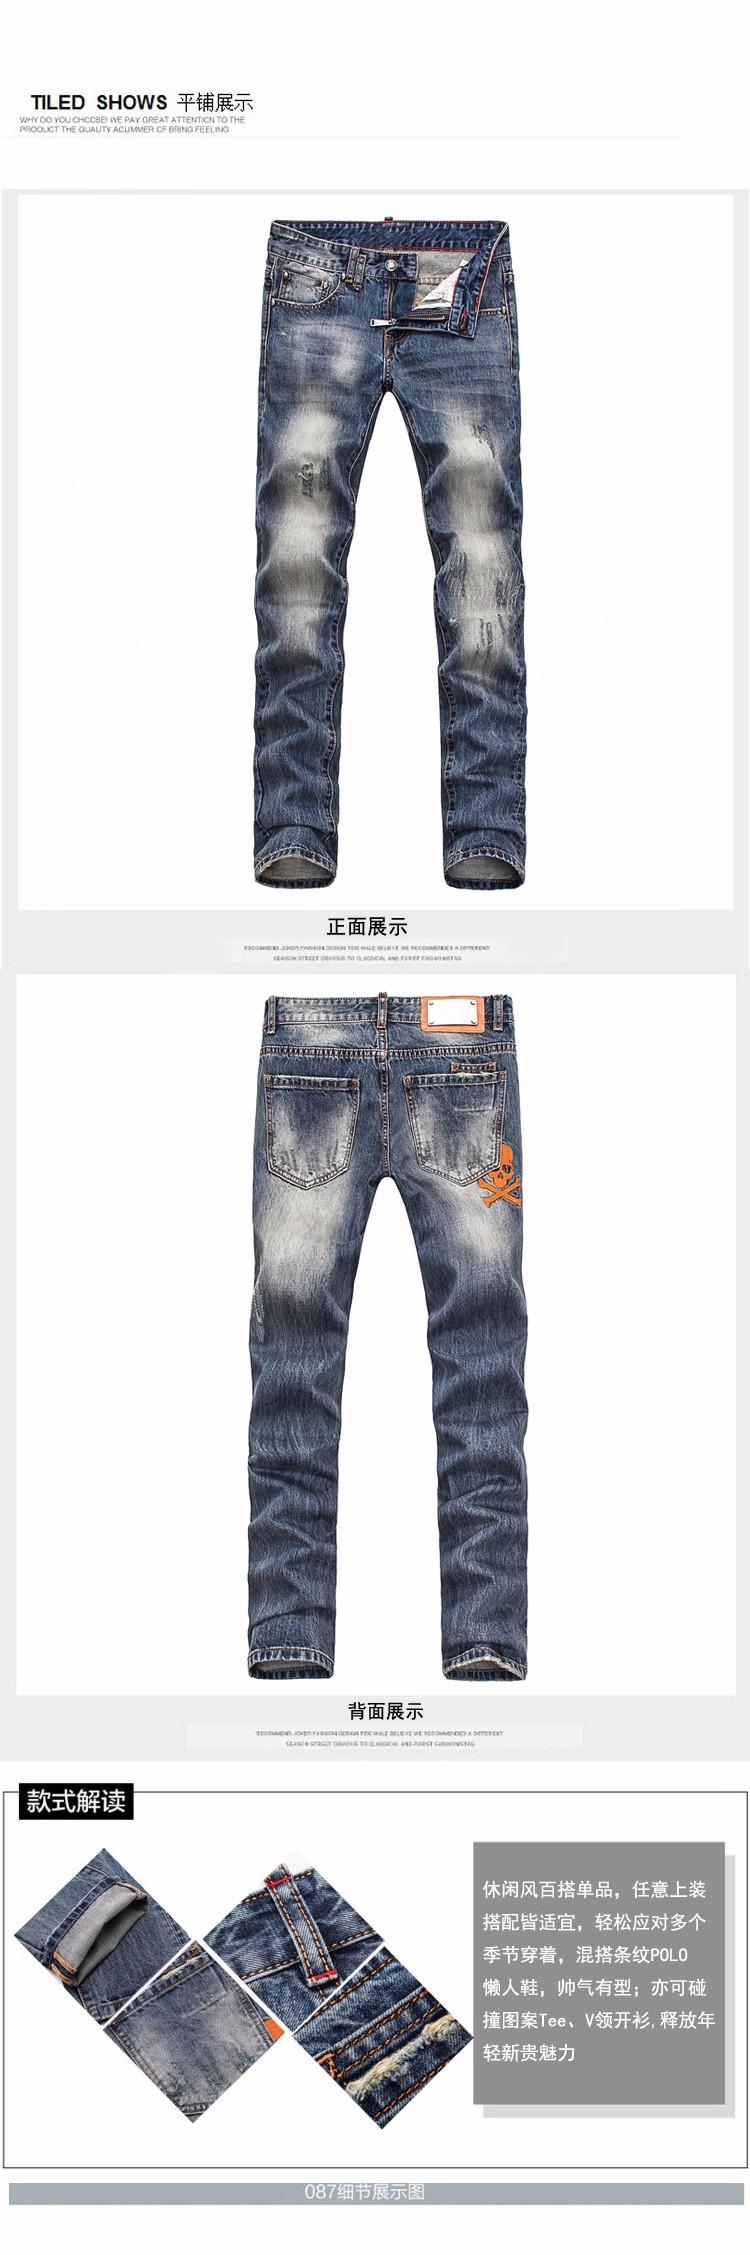 Скидки на Скелет вышивка человек байкер jeansKorean Стиль прямой прямой ноги брюки отверстие бренд брюки брюки дизайнер мальчик джинсы мужчины